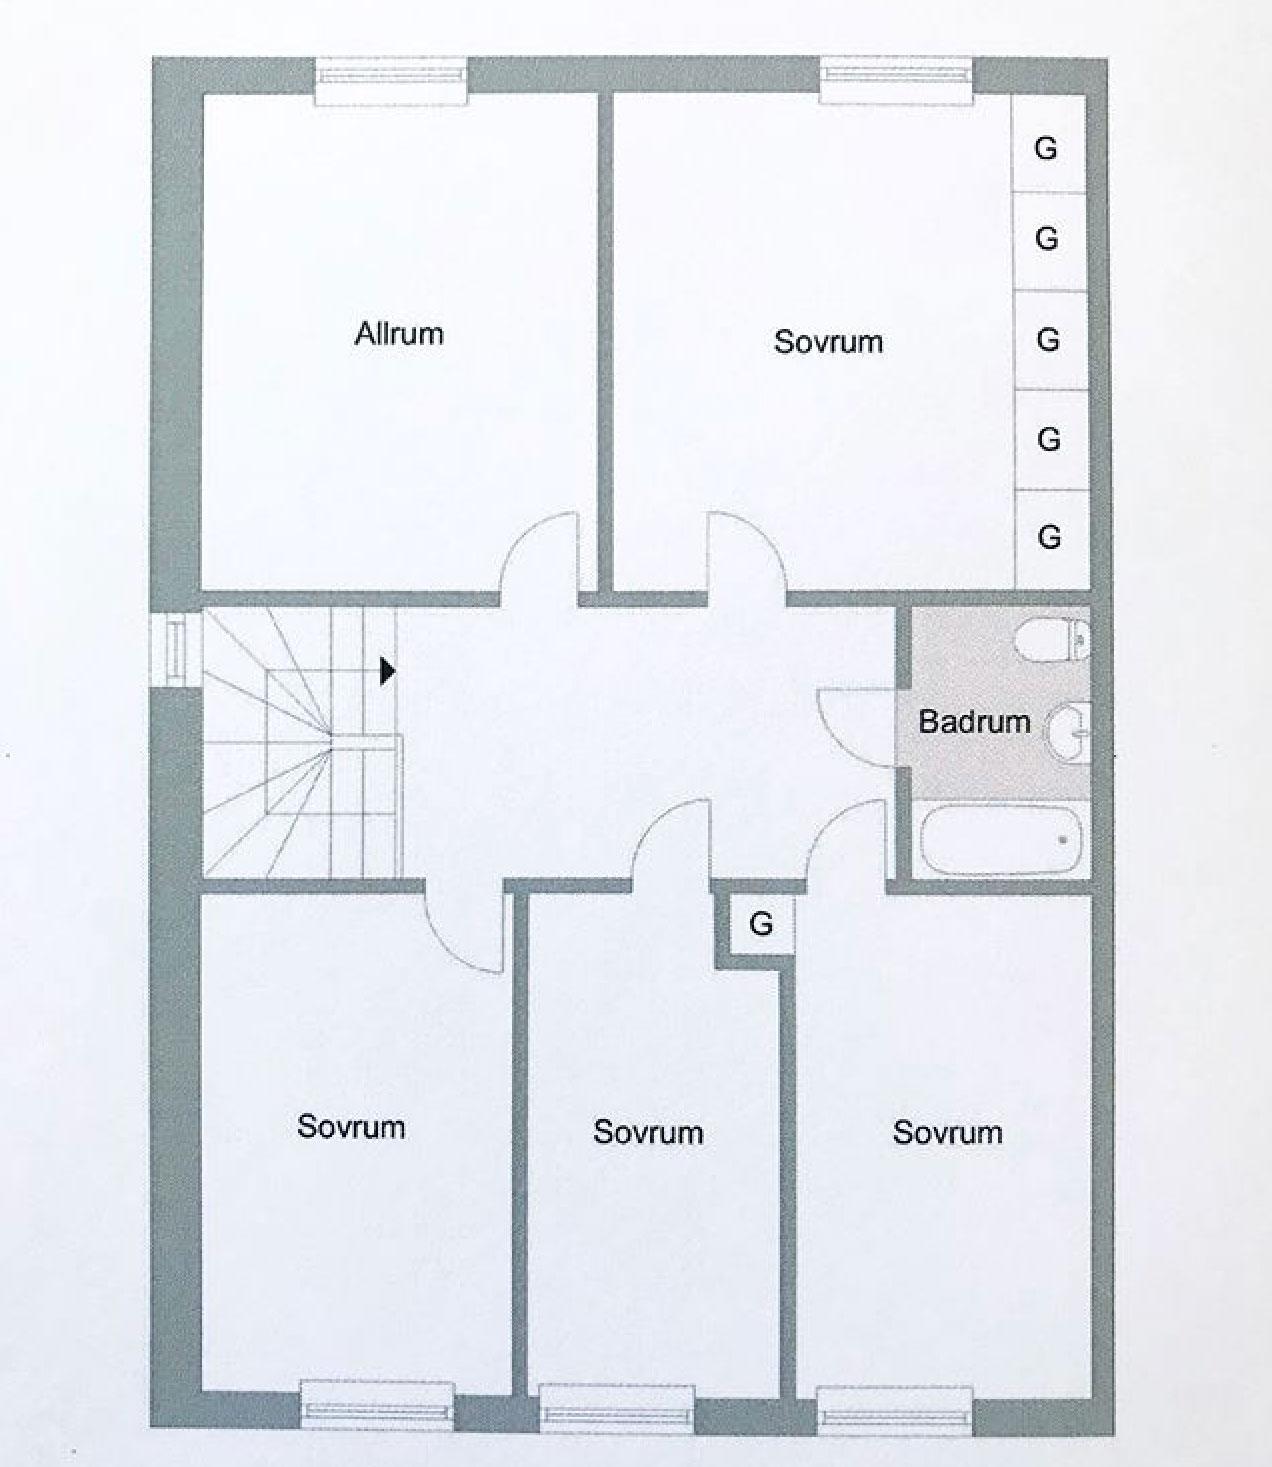 radhus-50-talet-visby-planlösning-övervåning-midbec-tapeter